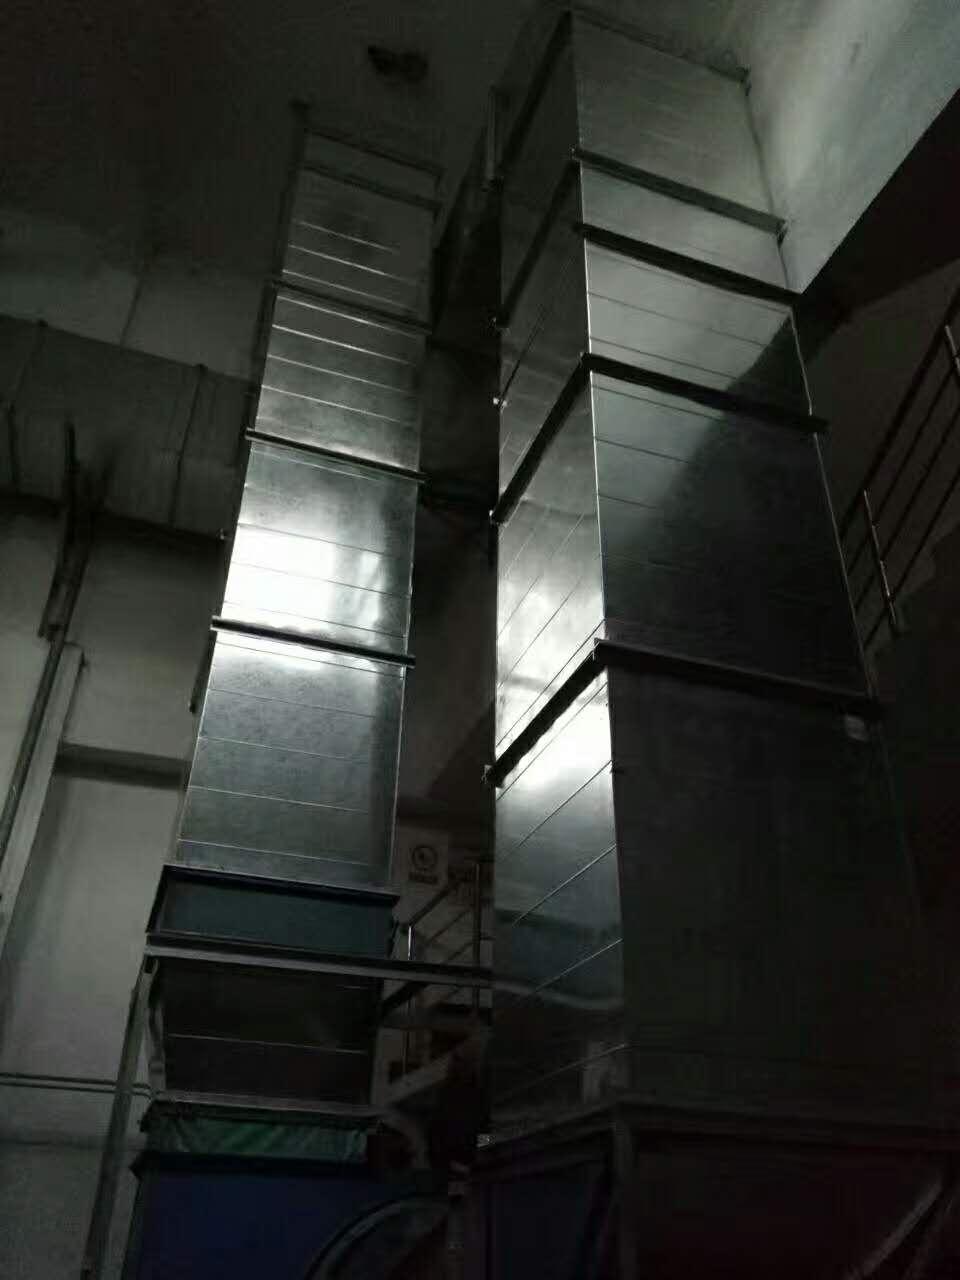 十堰通風管道工程施工中消聲器的安裝